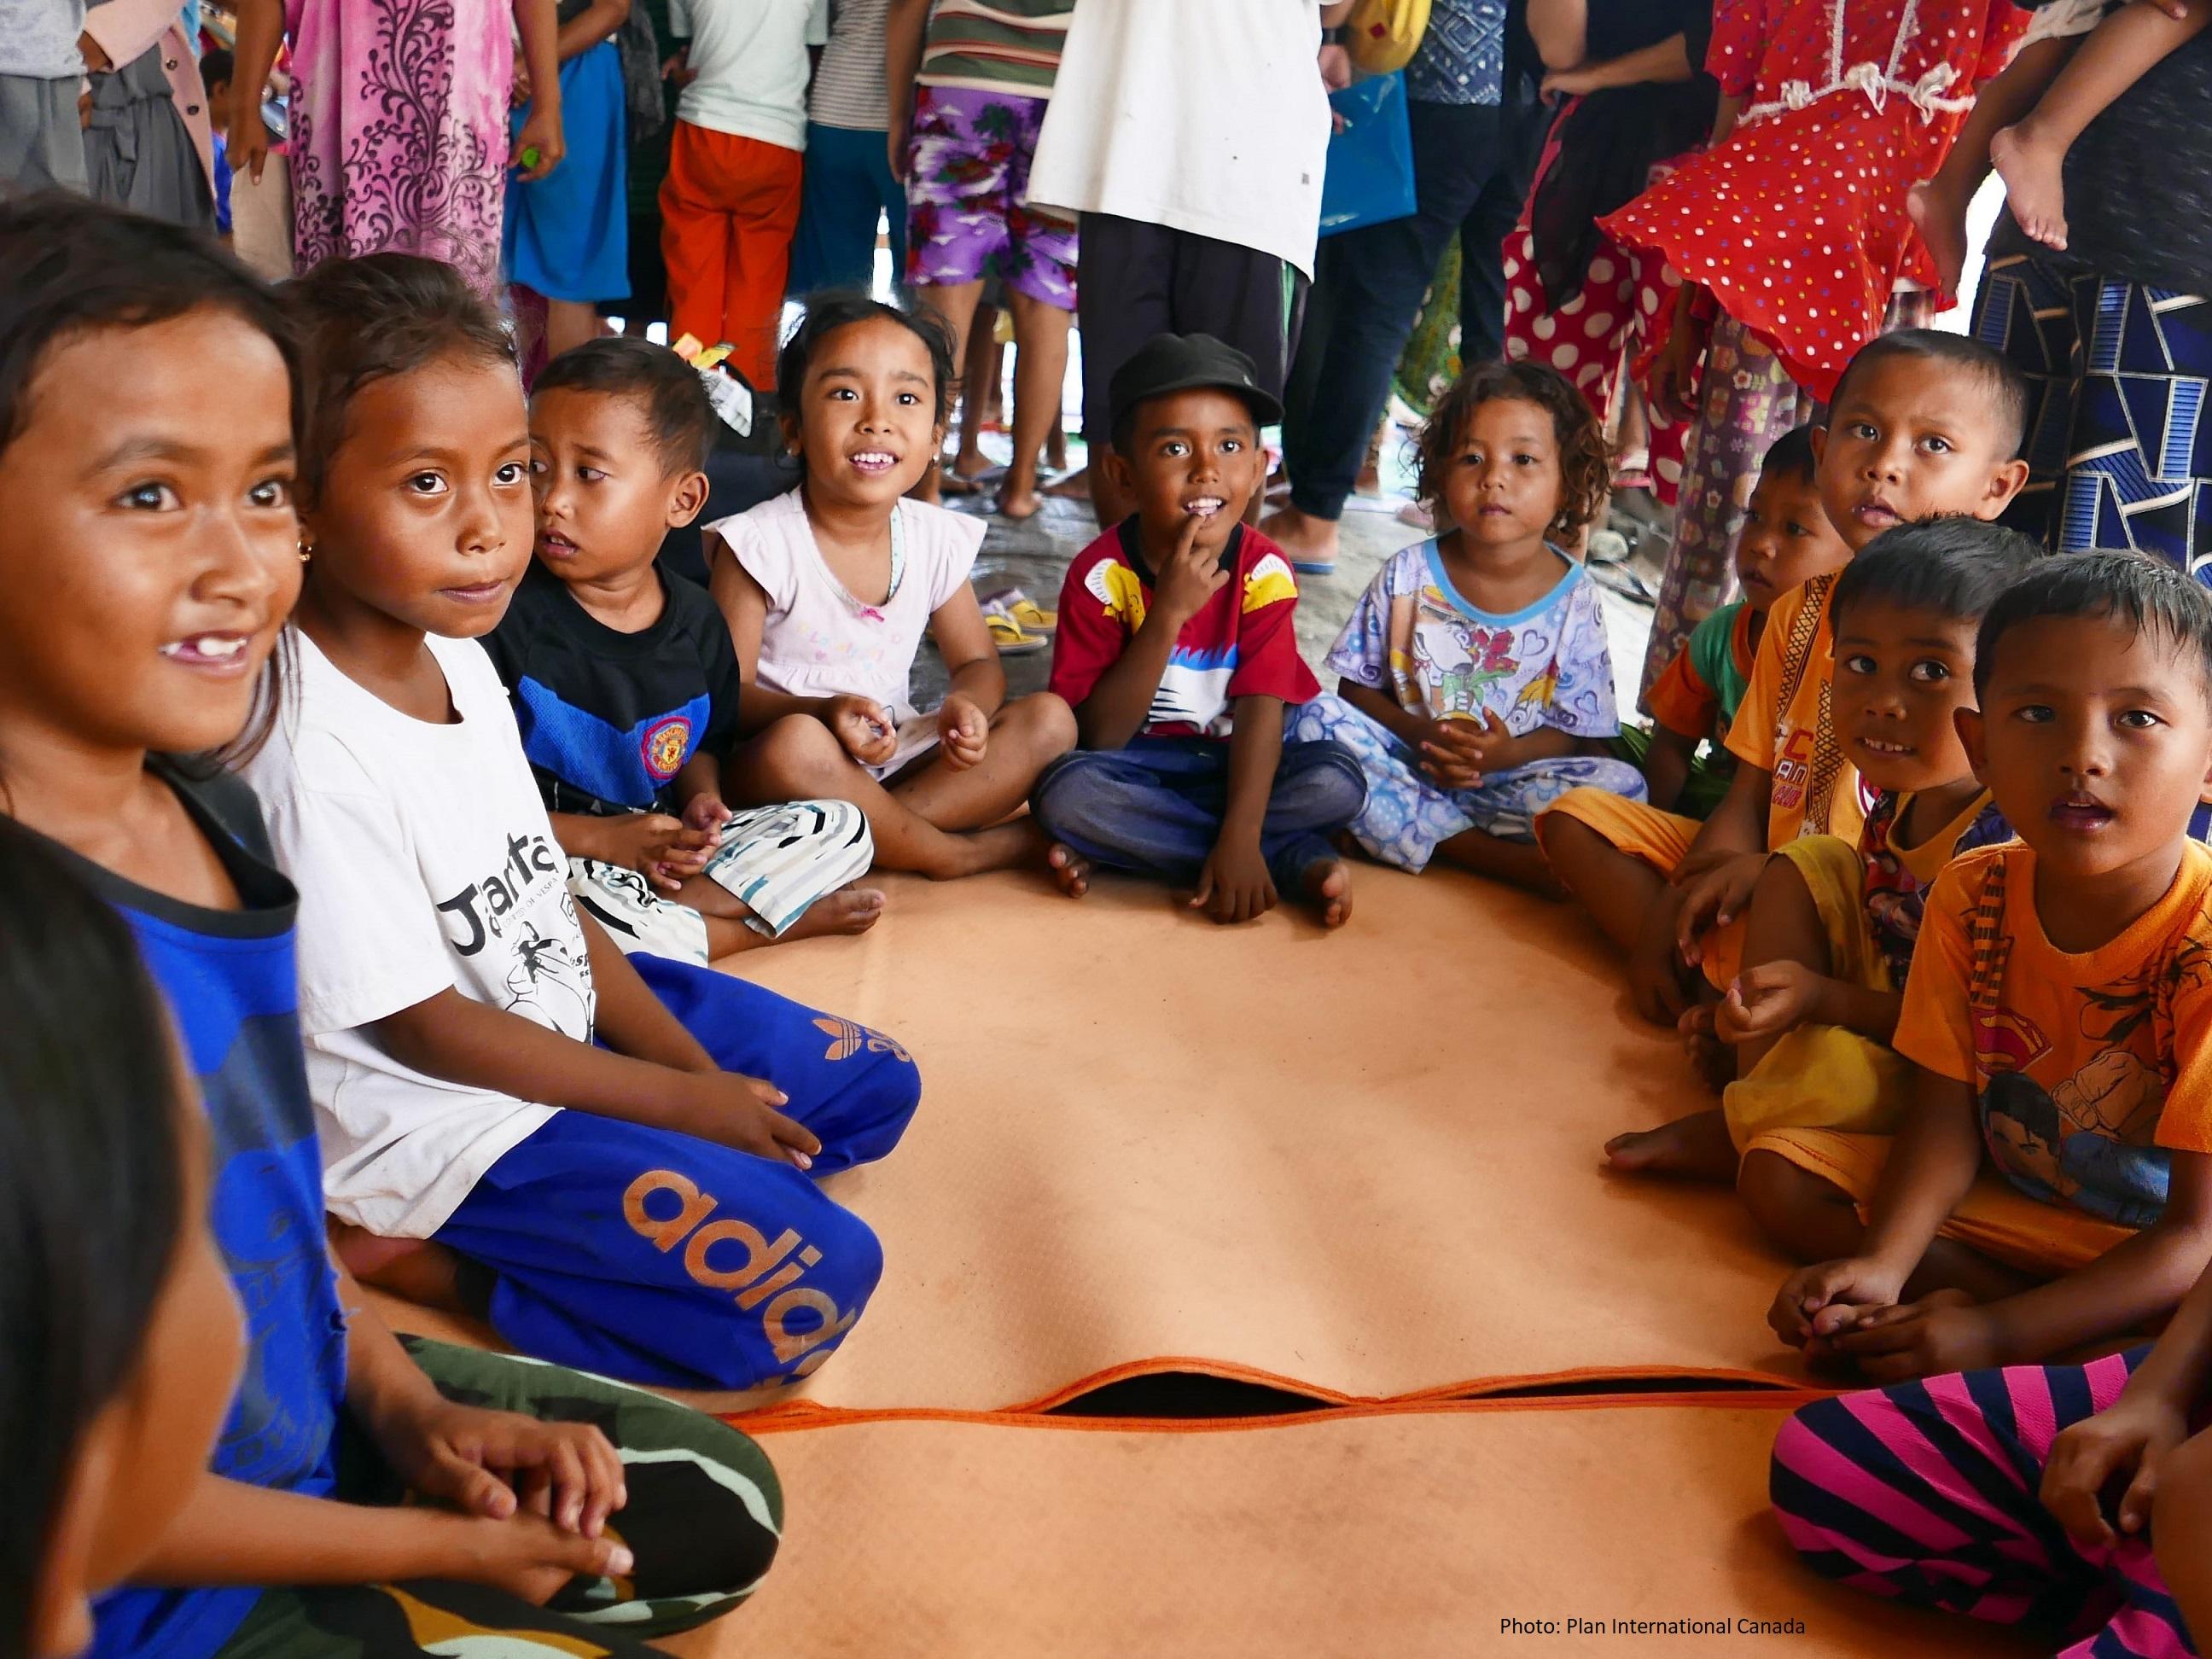 Des enfants dans un Espace ami des enfants